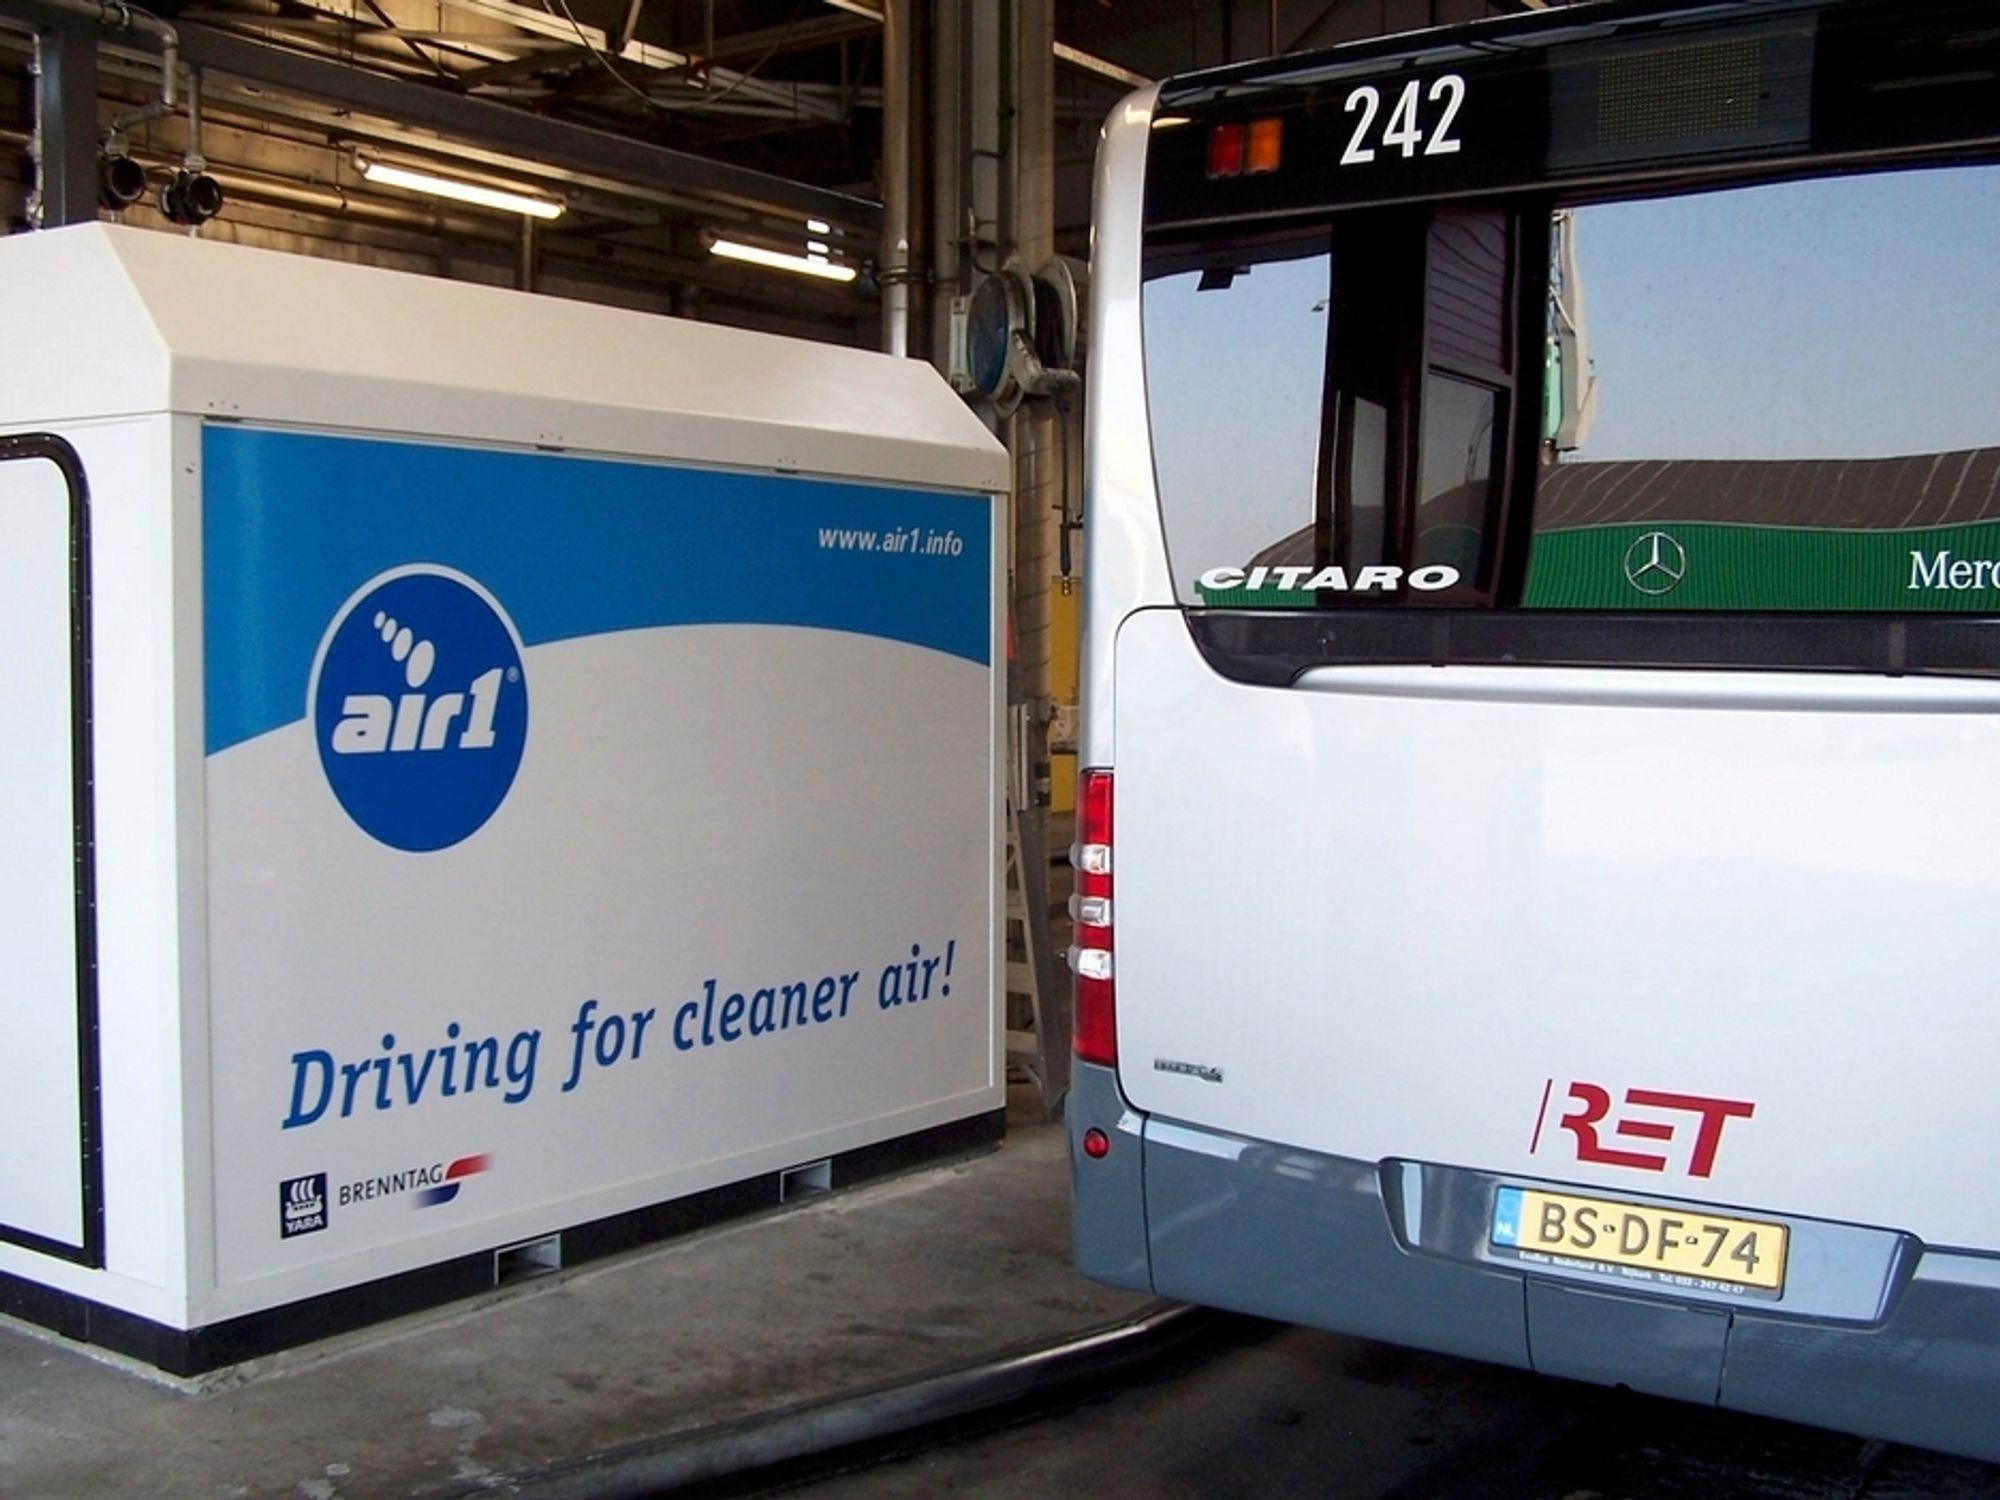 MINDRE NOx: YARA-produktet AIR1 bidrar til å minske NOx-utslippene fra for eksempel busser med opptil 90 prosent.